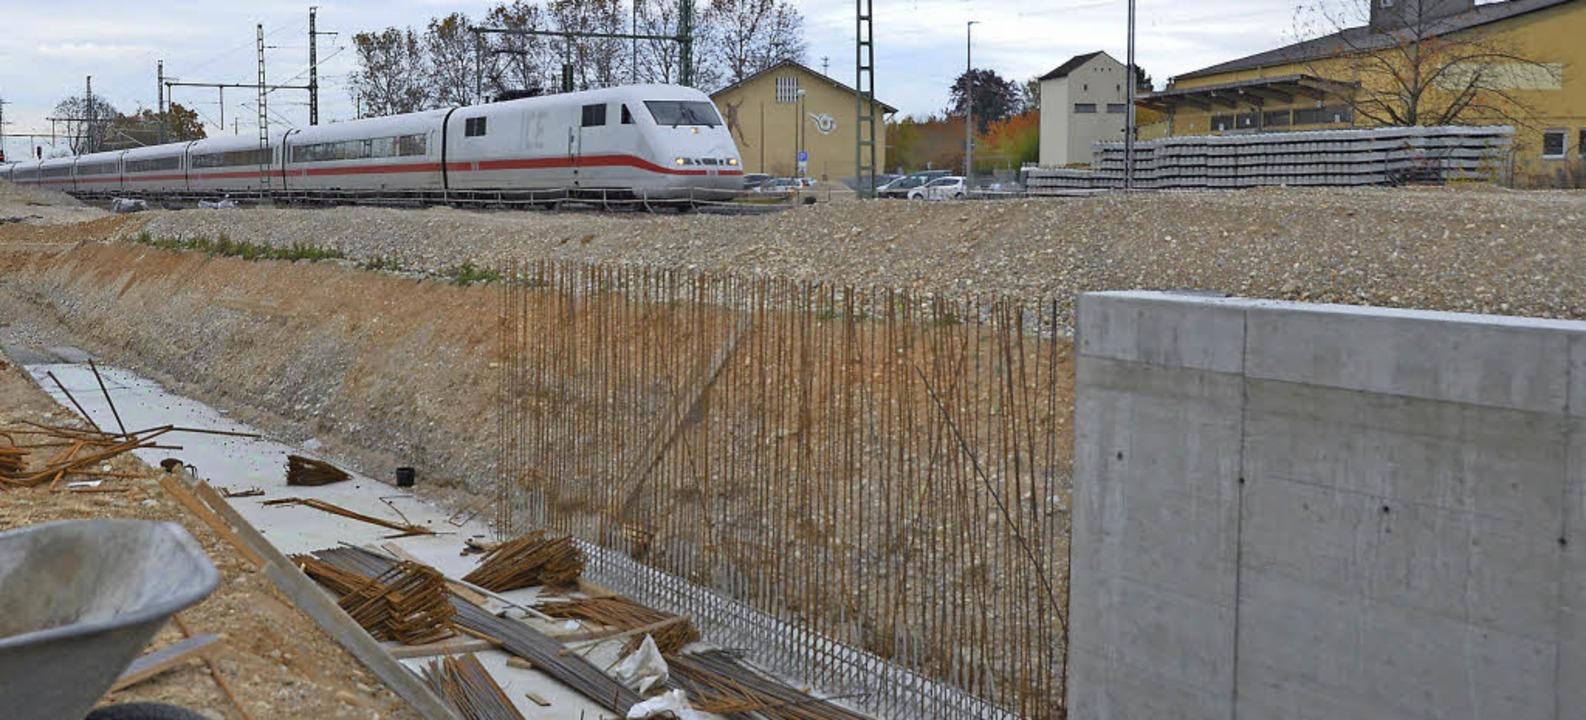 Die Großbaumaßnahme in Haltingen muss ...fenden Bahnbetriebs bewältigt werden.   | Foto: Jochen Fillisch